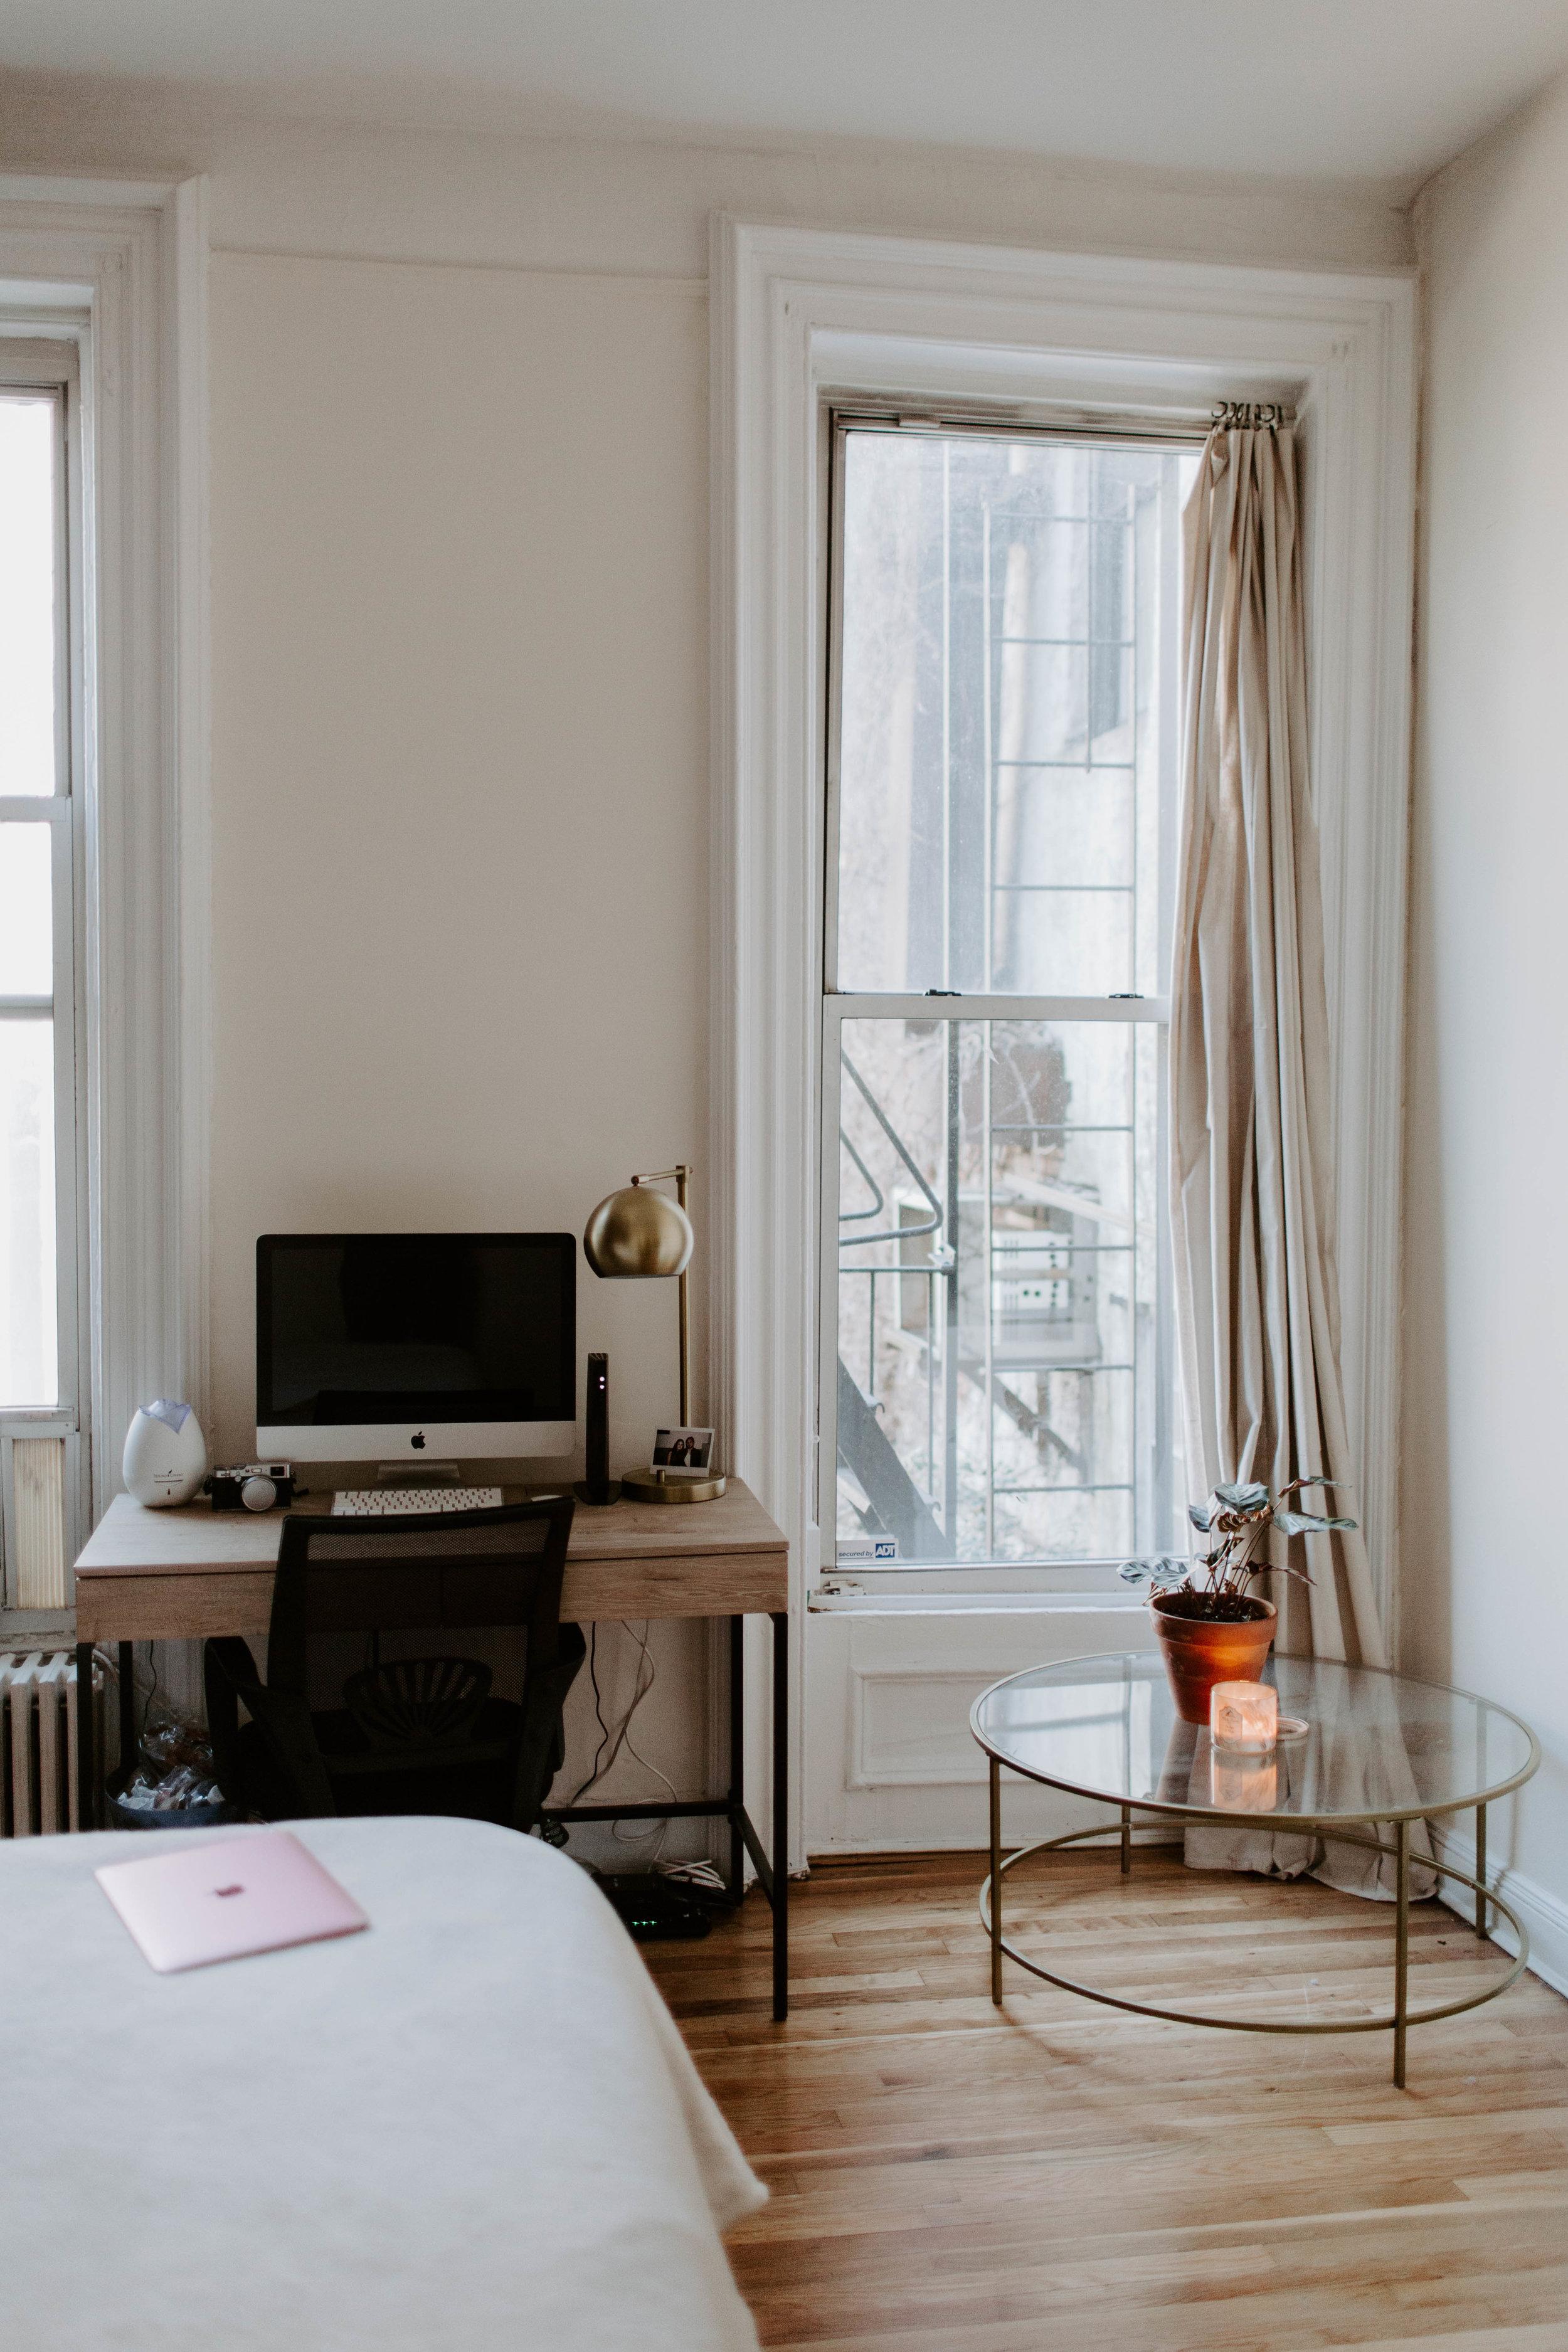 Cobble_Hill_Brooklyn_Apartment_Tour7.jpg